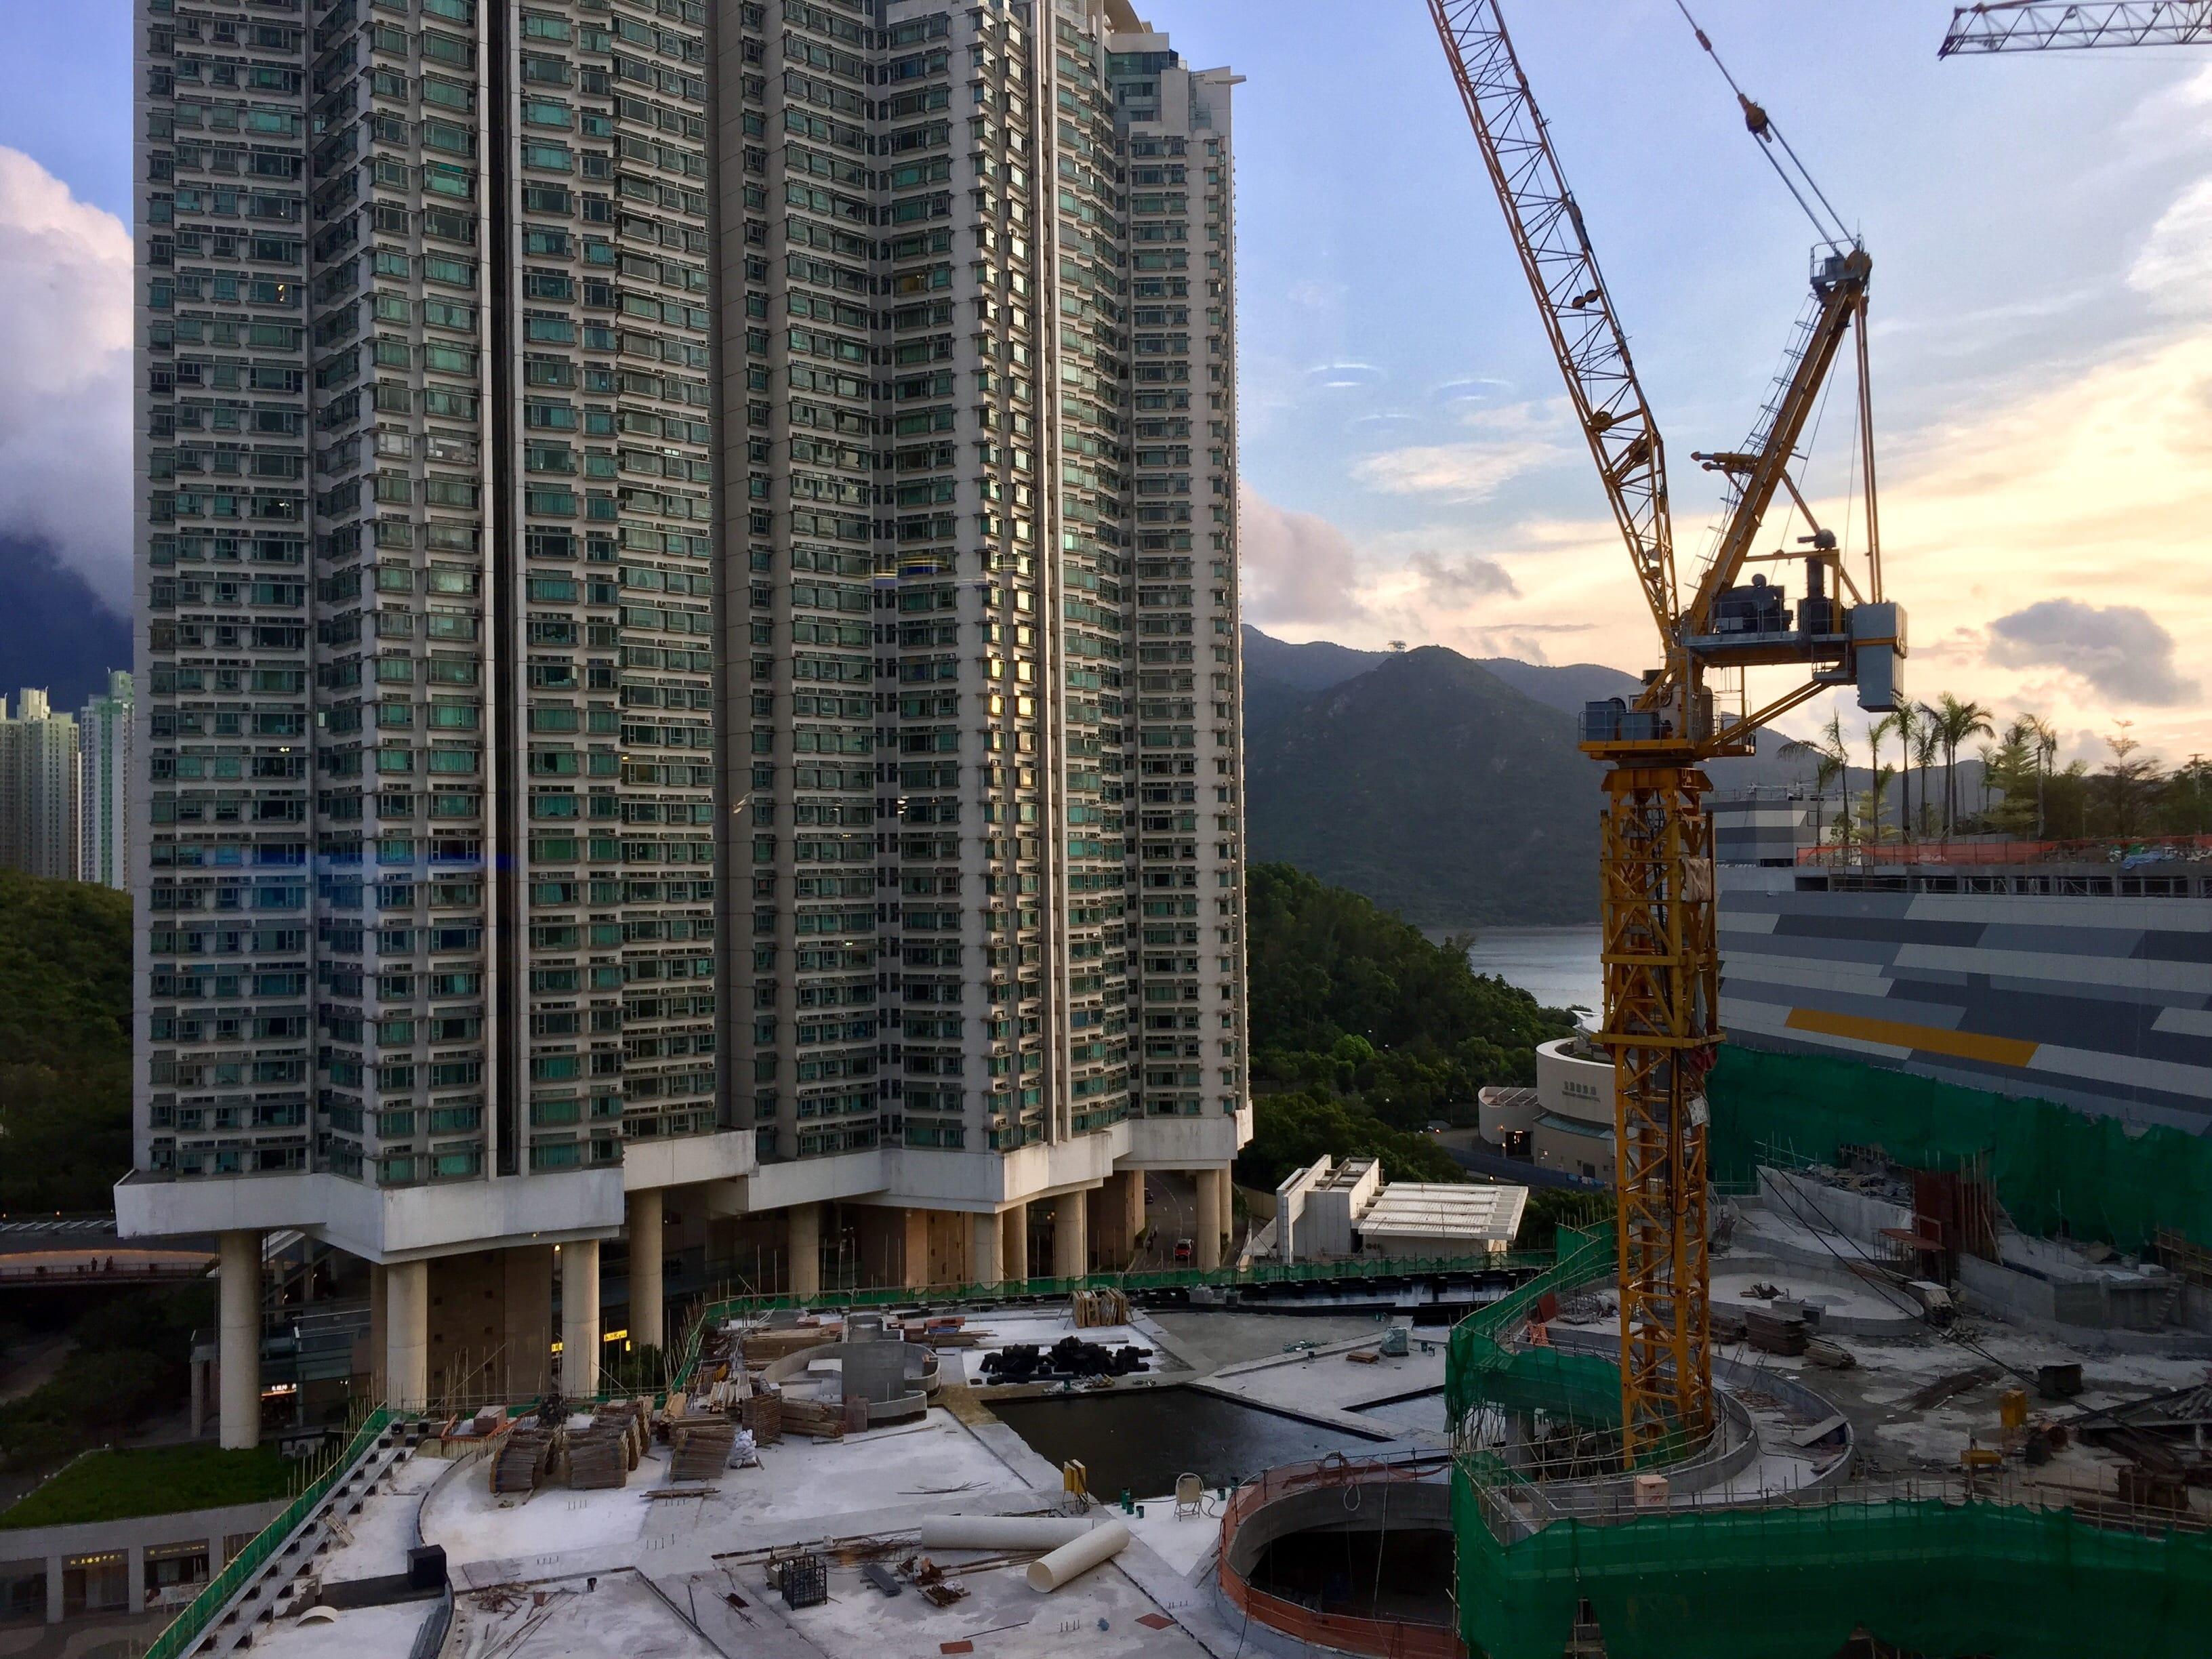 Sunset at Tung Chung